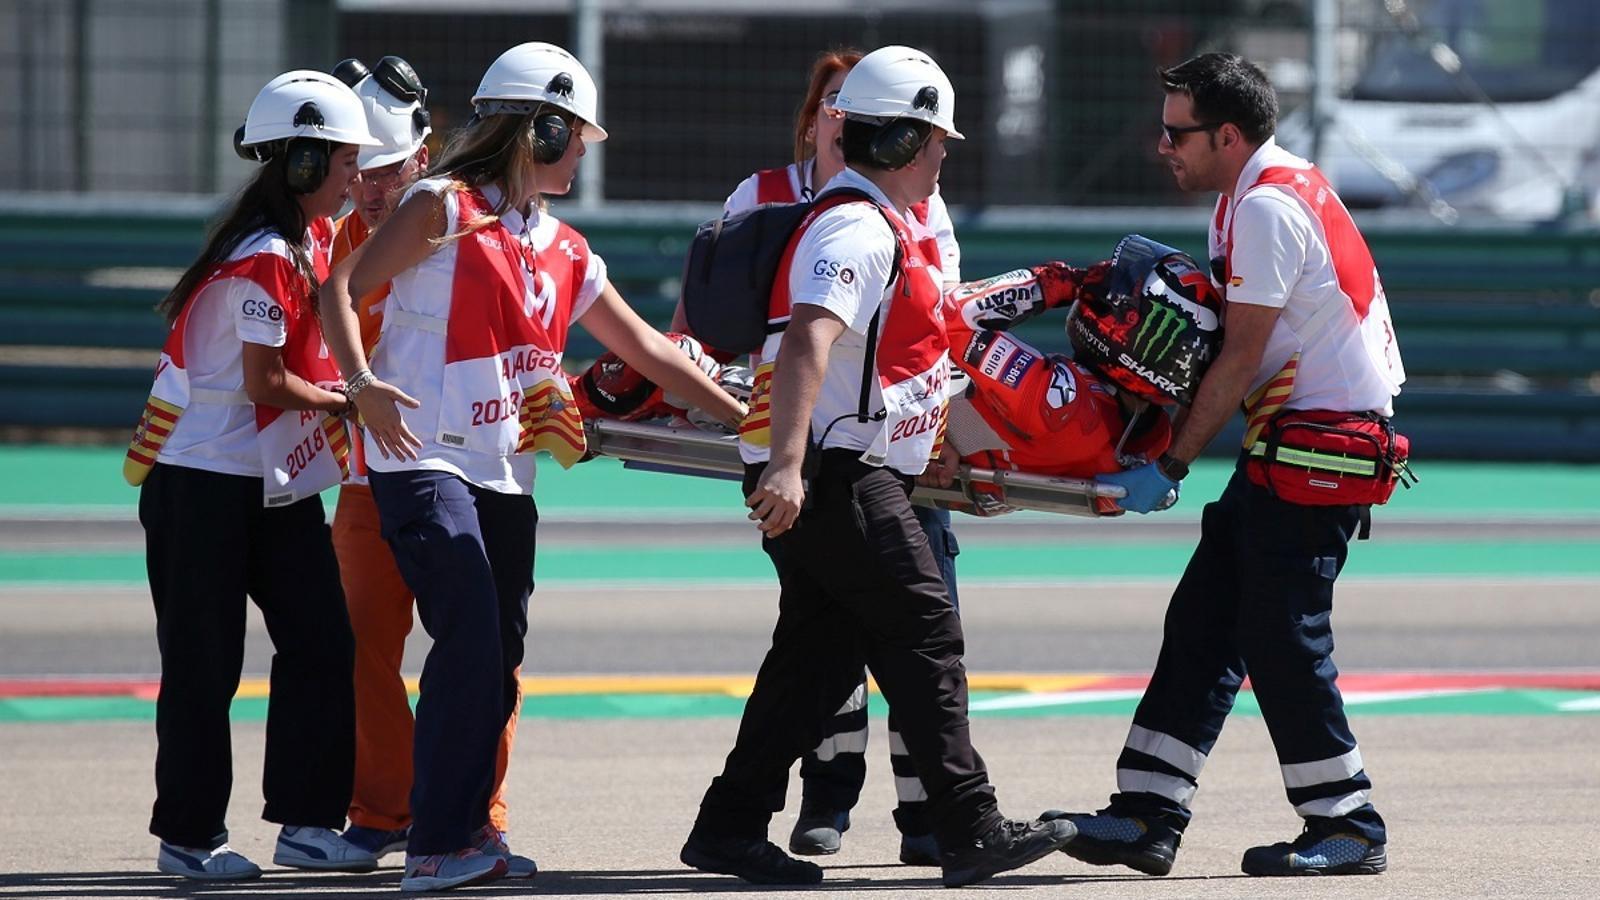 Jorge Lorenzo ha abandonat la pista de MotorLand en llitera després de caure